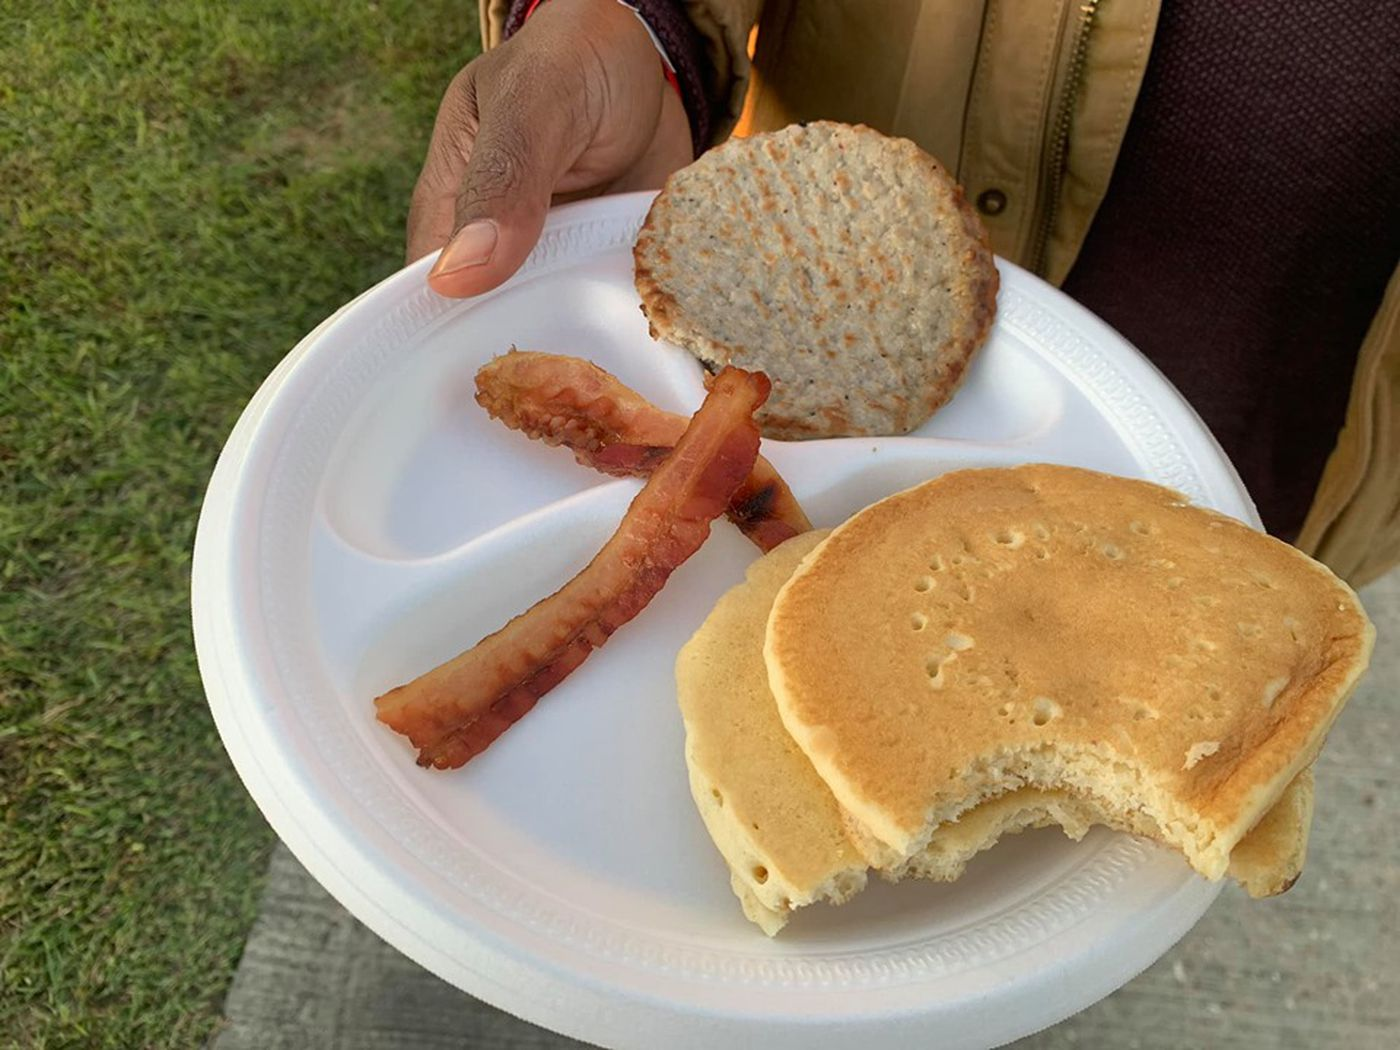 No fue Kanye West: Empresa de catering asume responsabilidad por la controversial comida del Sunday Service